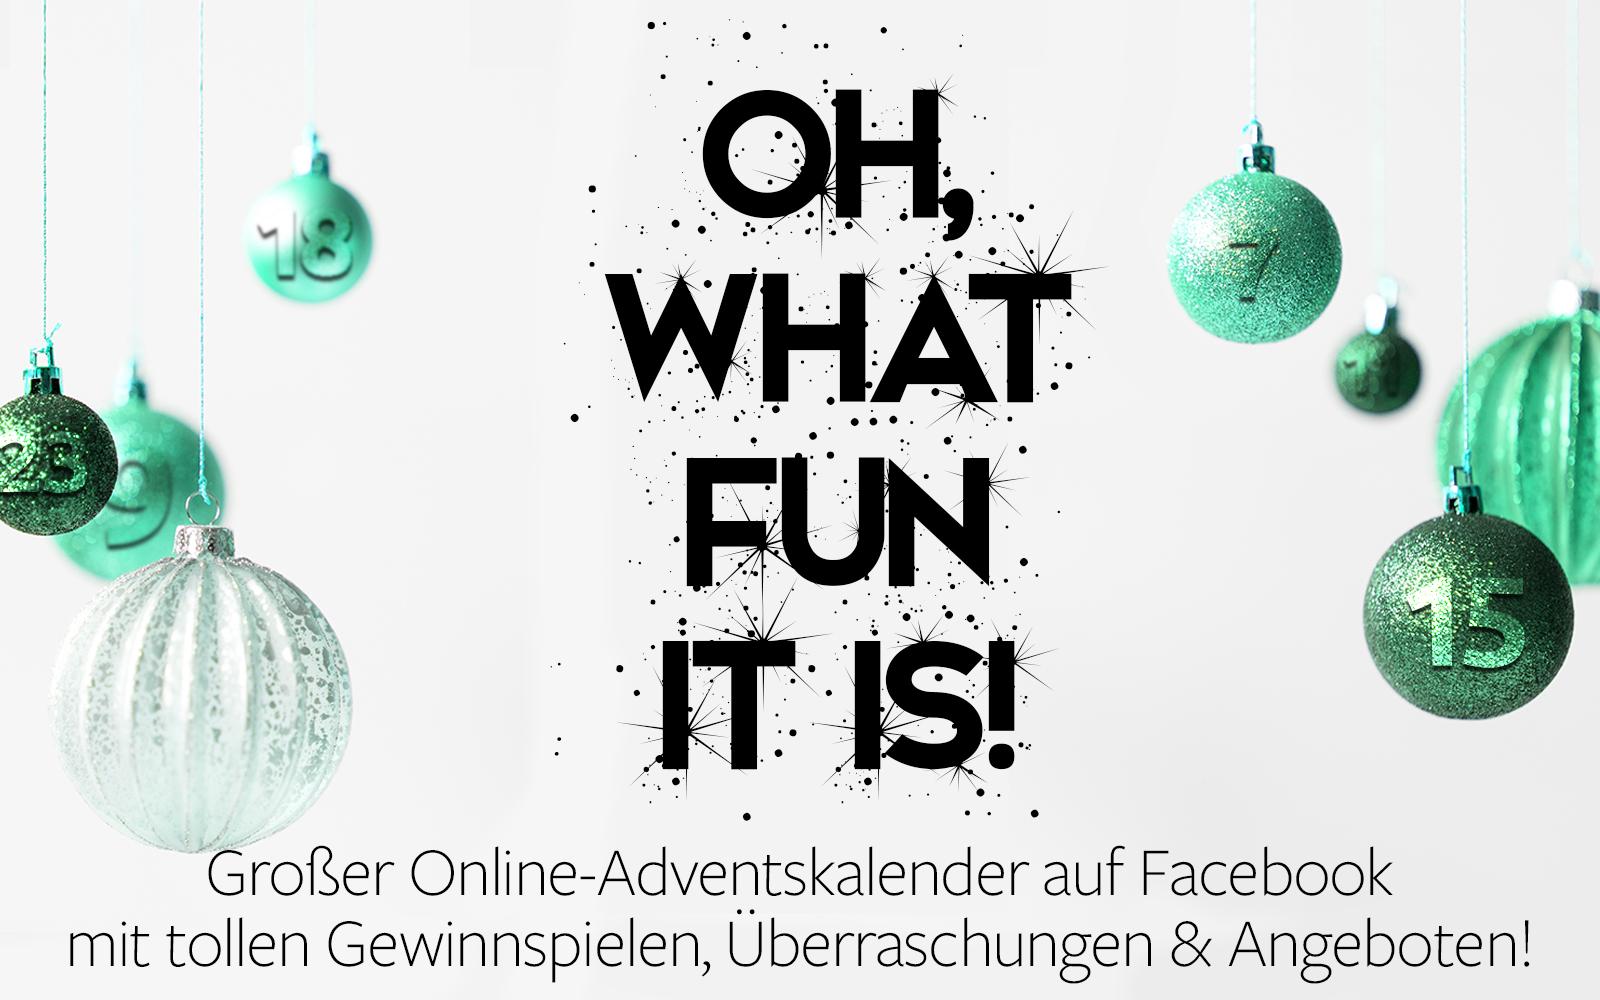 Großer Online-Adventskalender auf Facebook